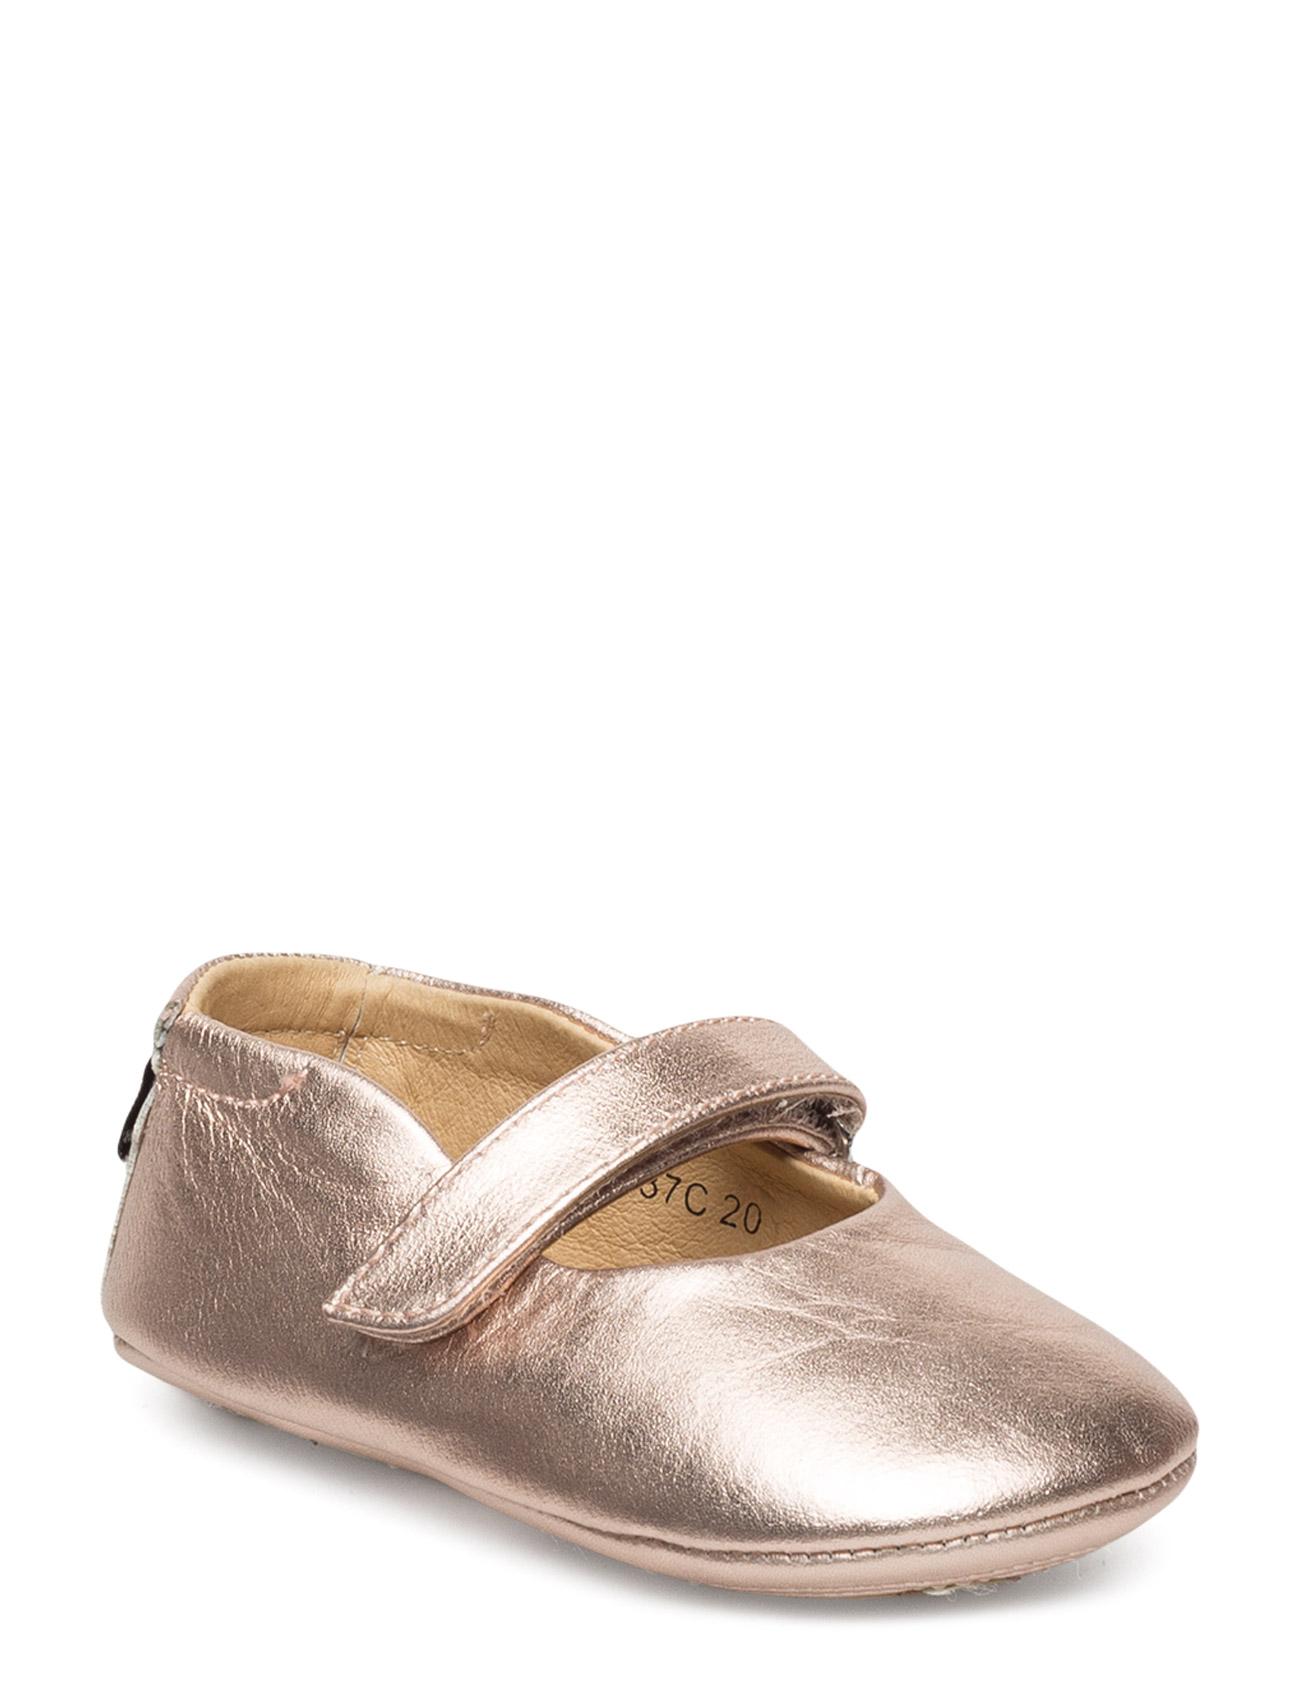 c61eb337923 Leather Baby Indoor Shoe Petit by Sofie Schnoor Hjemmesko til Børn i Sølv